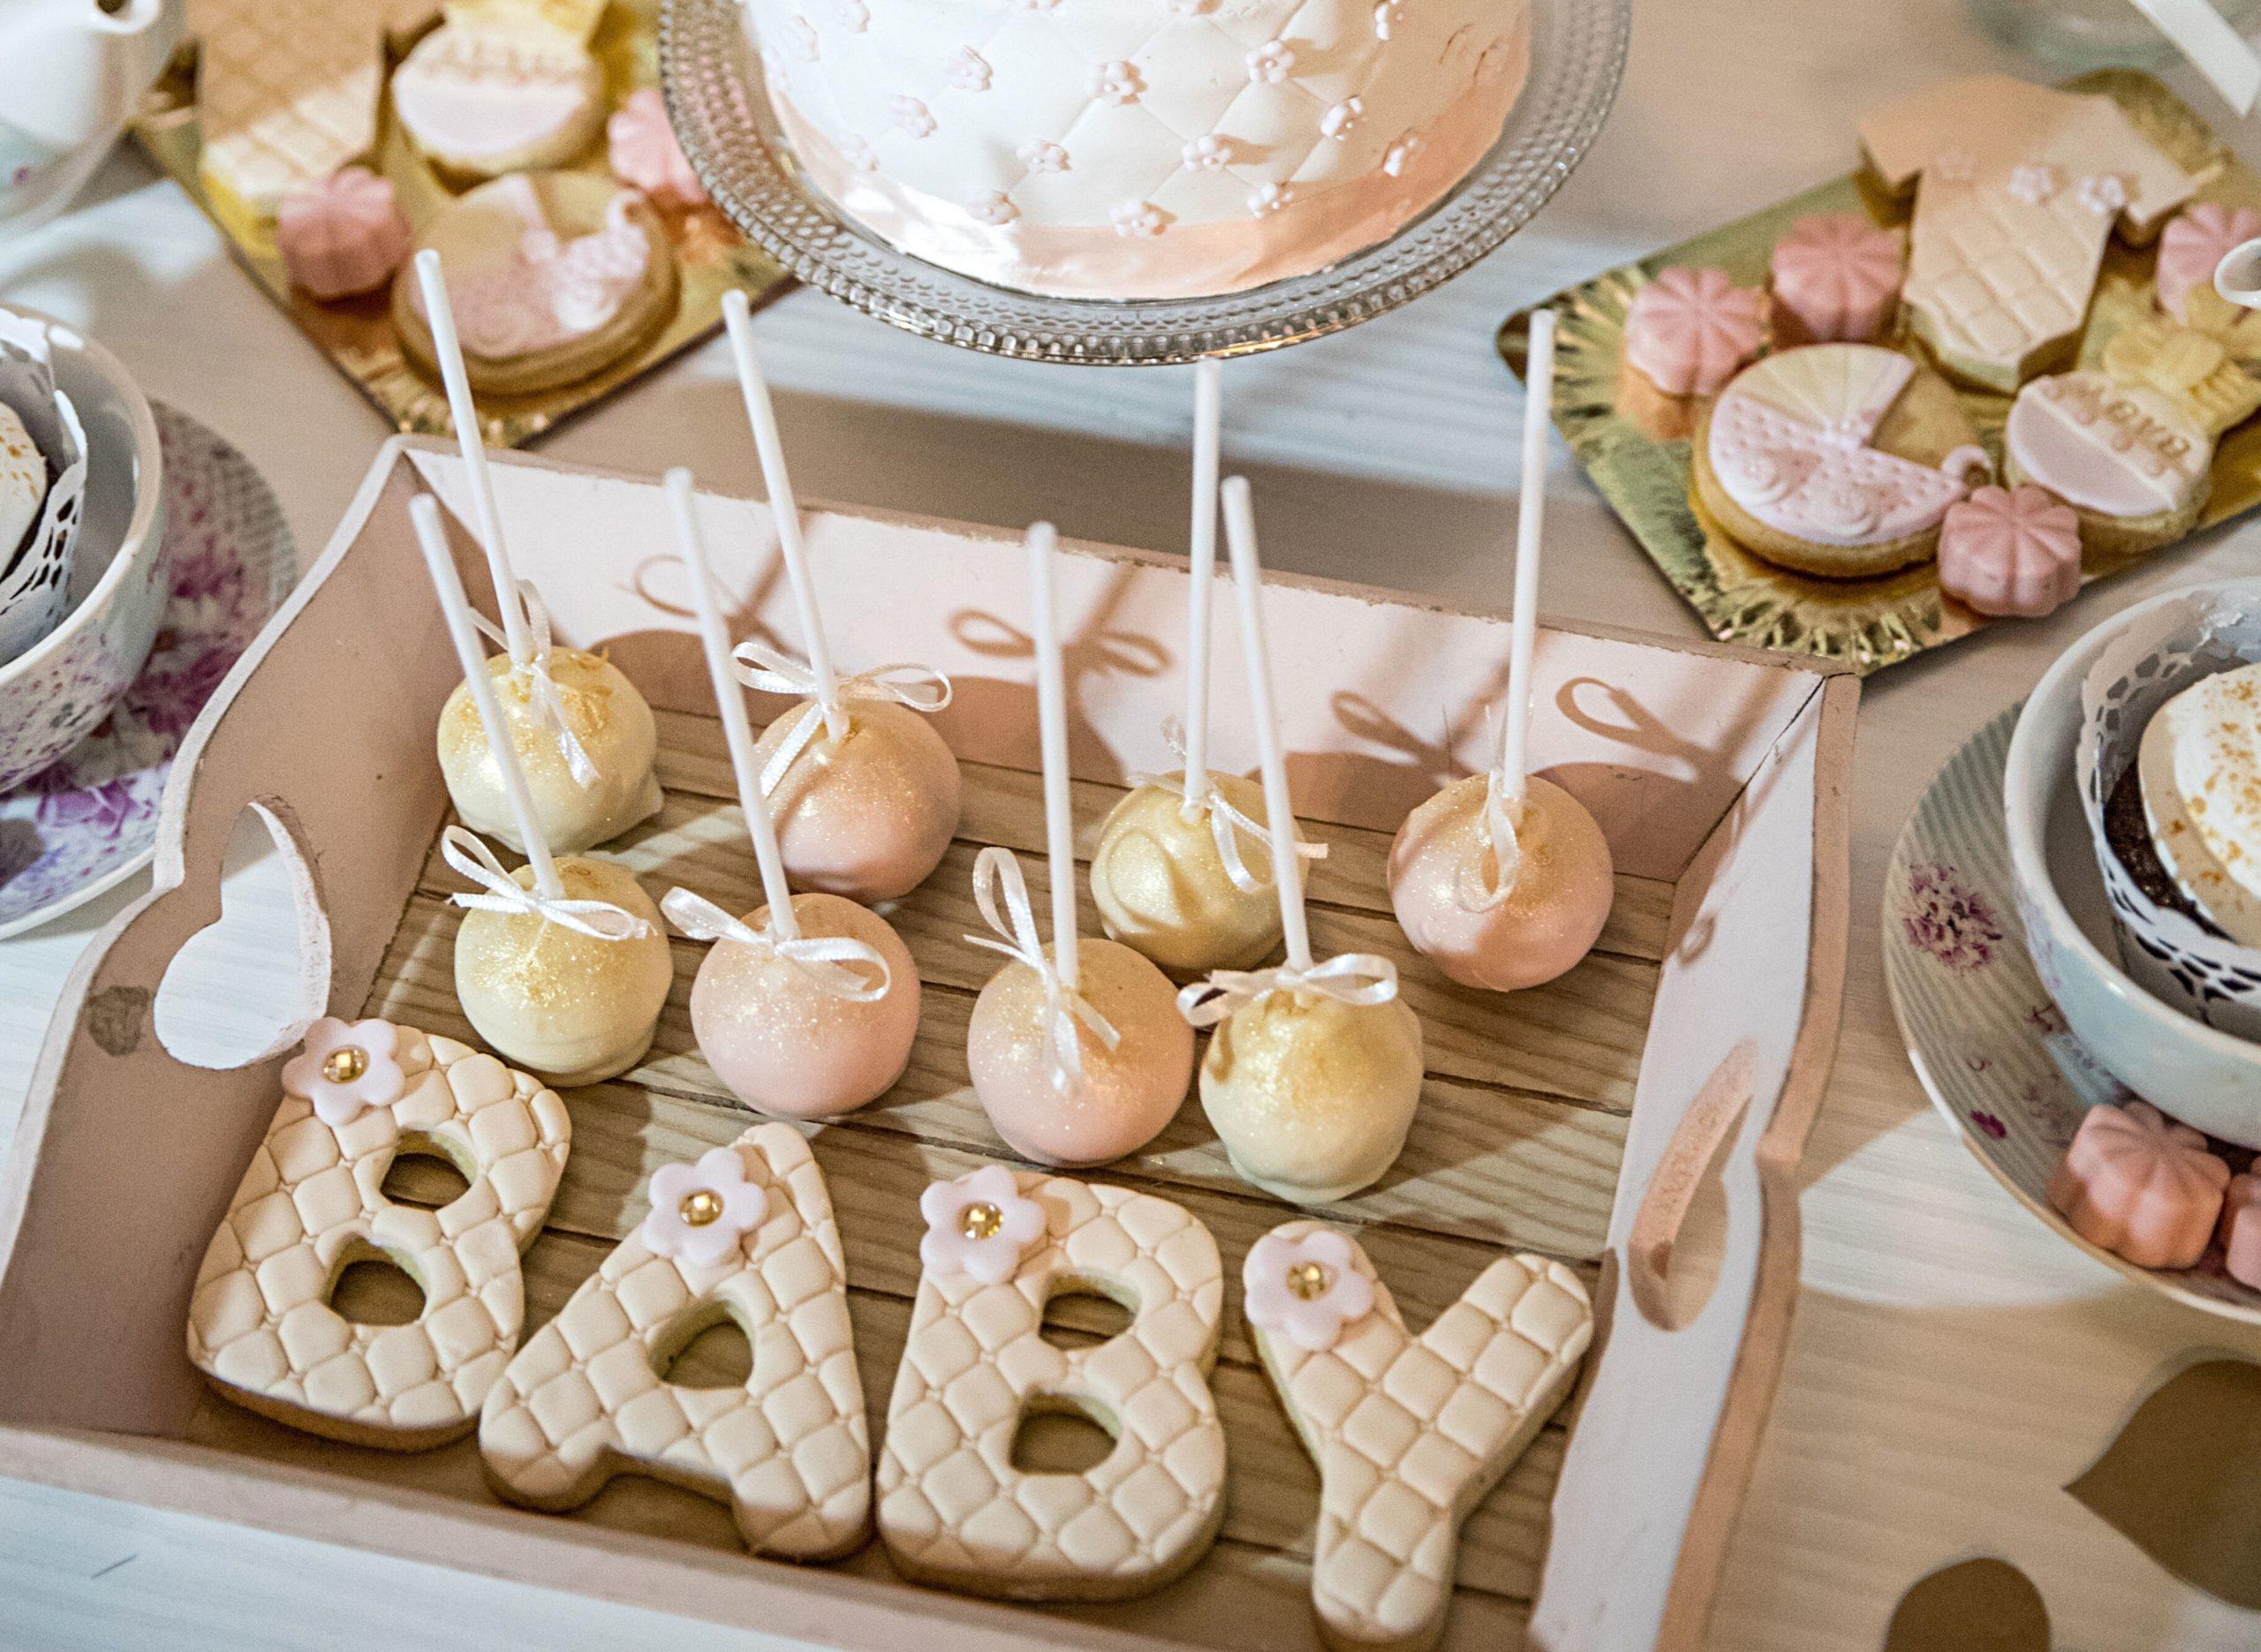 Comment organiser une fête de naissance malgré la covid-19 – wedding planner event planner lyon – les moments m